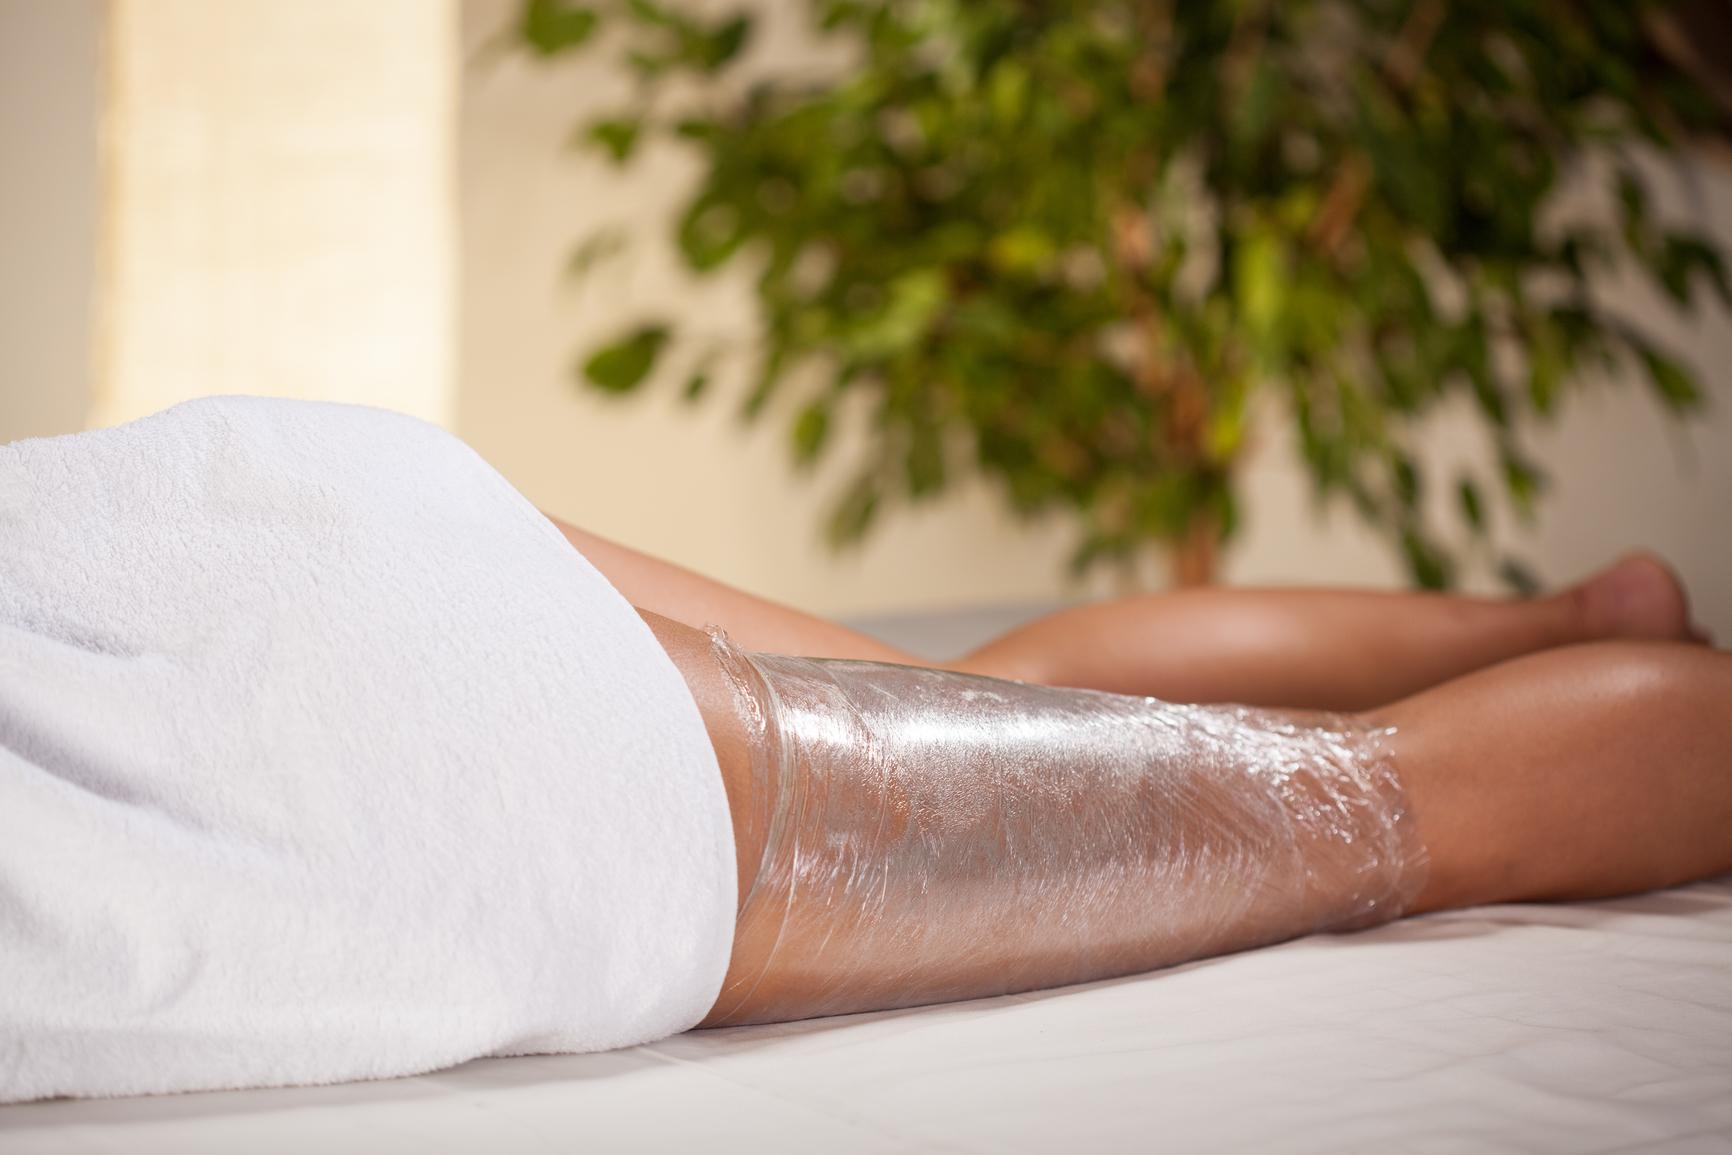 Umflarea articulațiilor de pe picioare